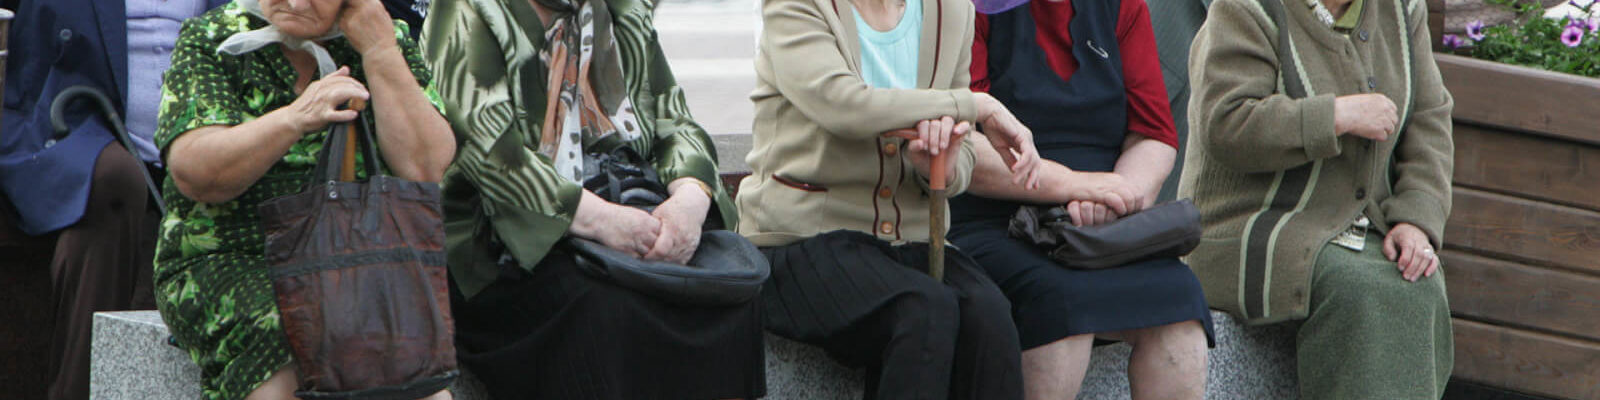 225eba2515ed3afe5c42b39235d6b9bf  2560x 1600x400 - Как получить дополнительный стаж для пенсии: Отвечает опытный юрист